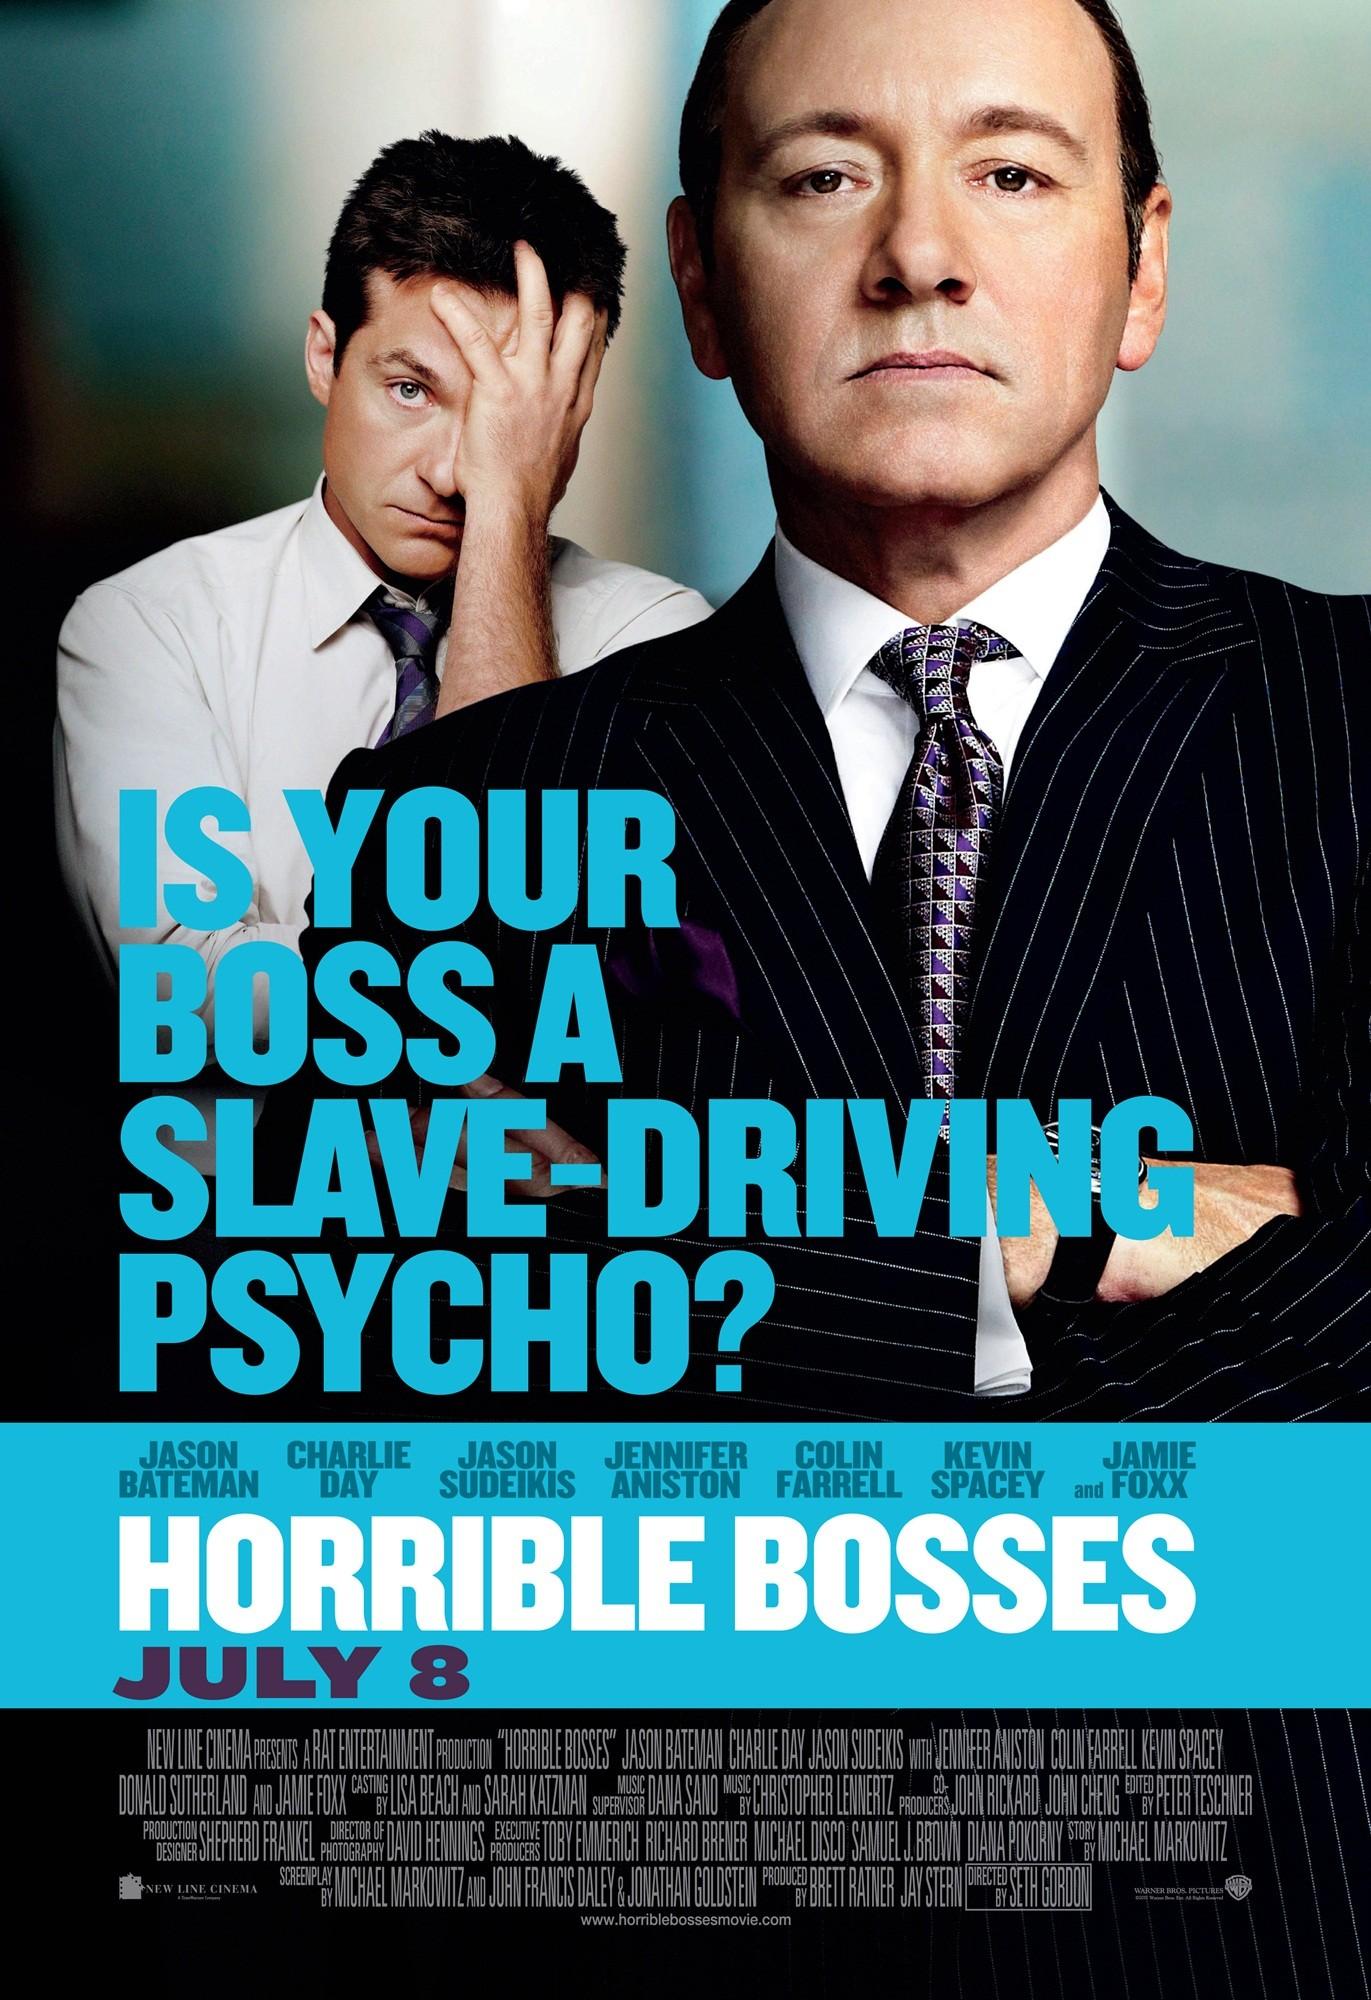 Horrible Bosses Poster